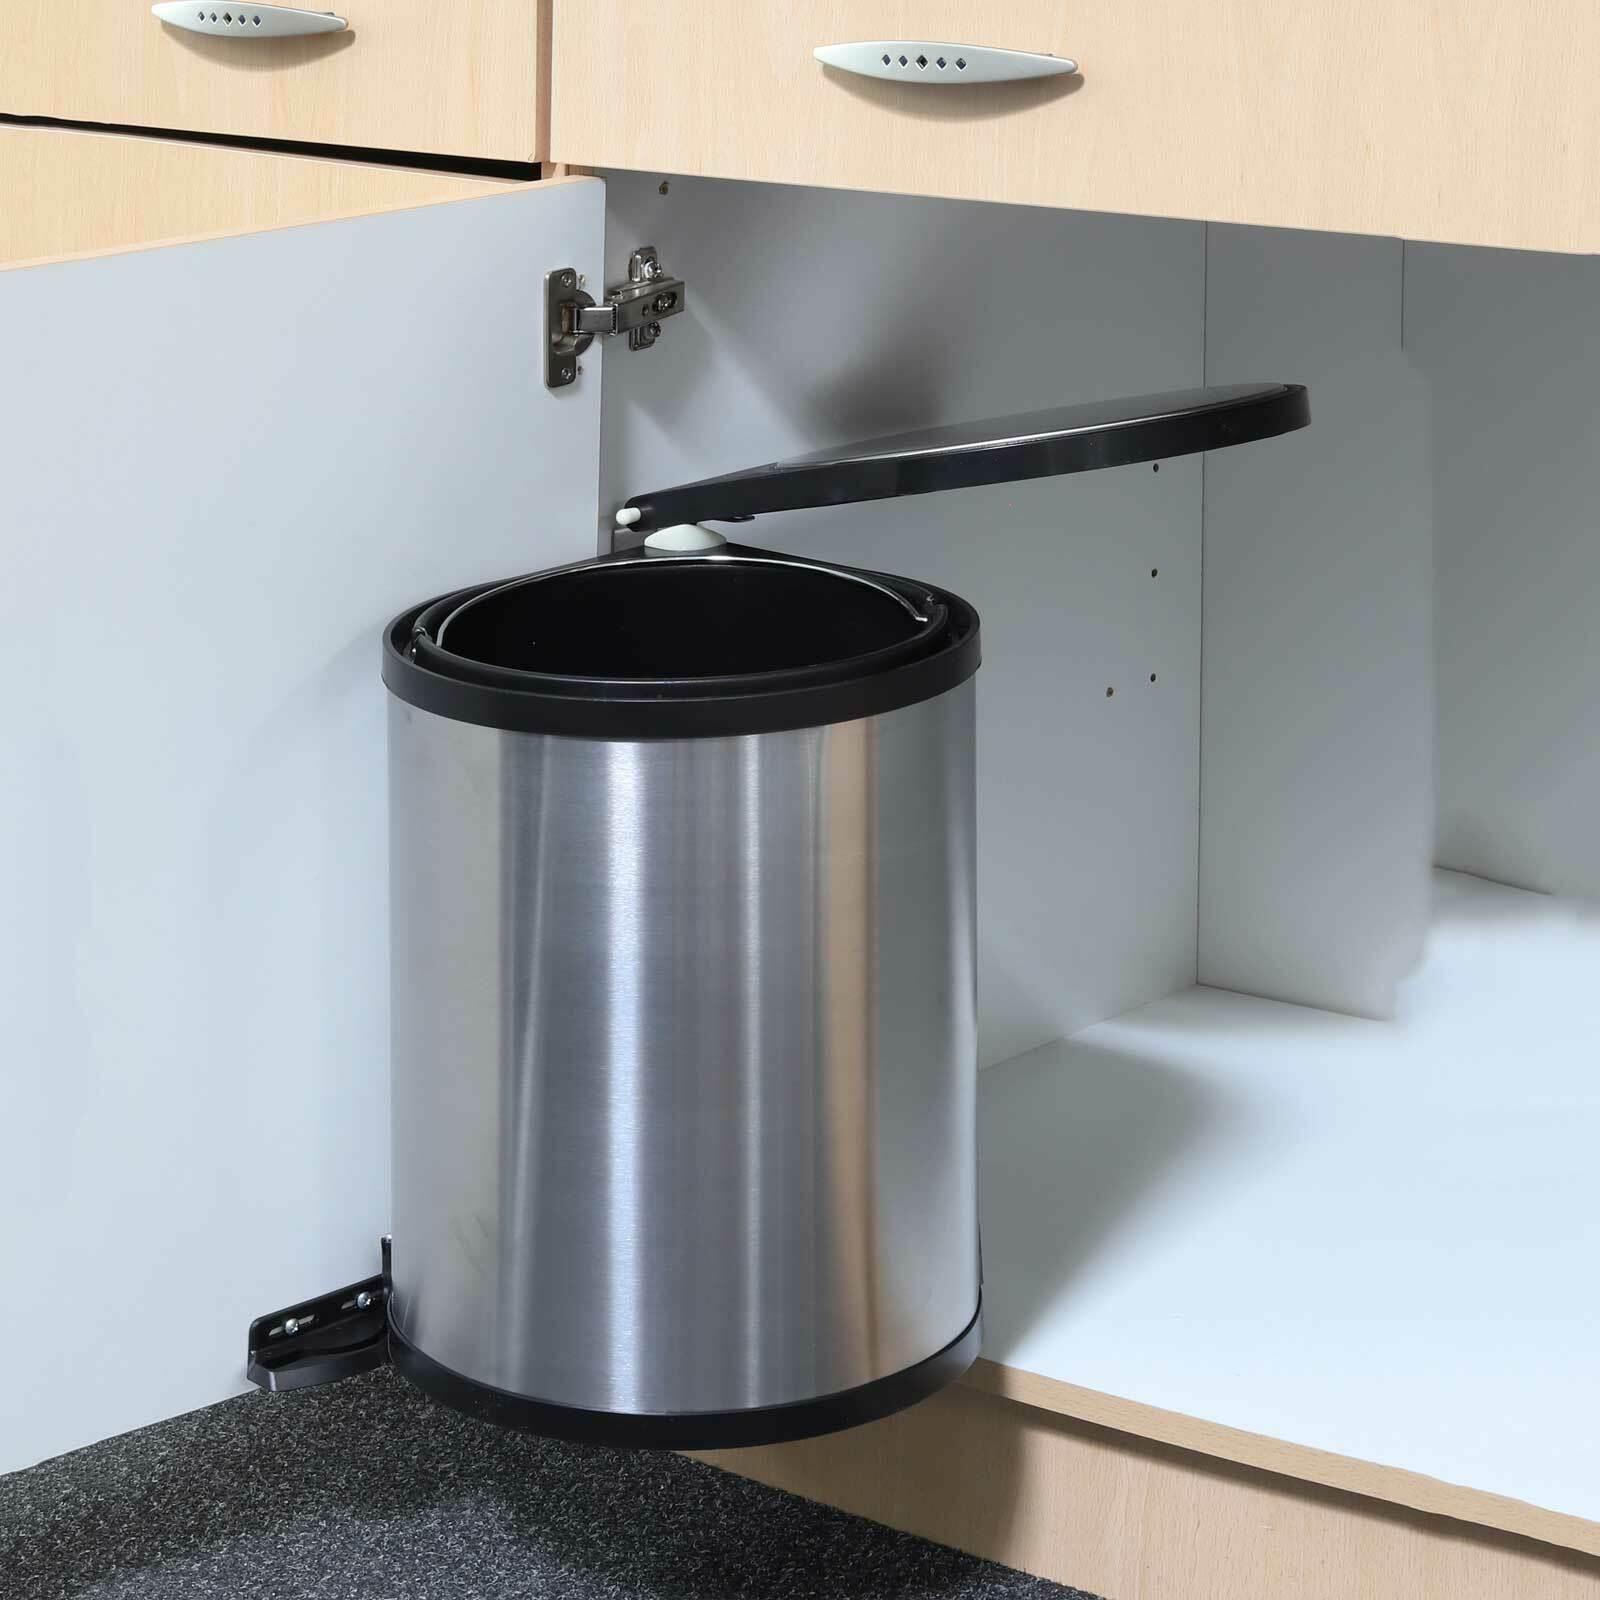 Full Size of Häcker Müllsystem Abfalleimer Auszug Kche Musbacher Esstisch Mit Roma 160 Küche Wohnzimmer Häcker Müllsystem